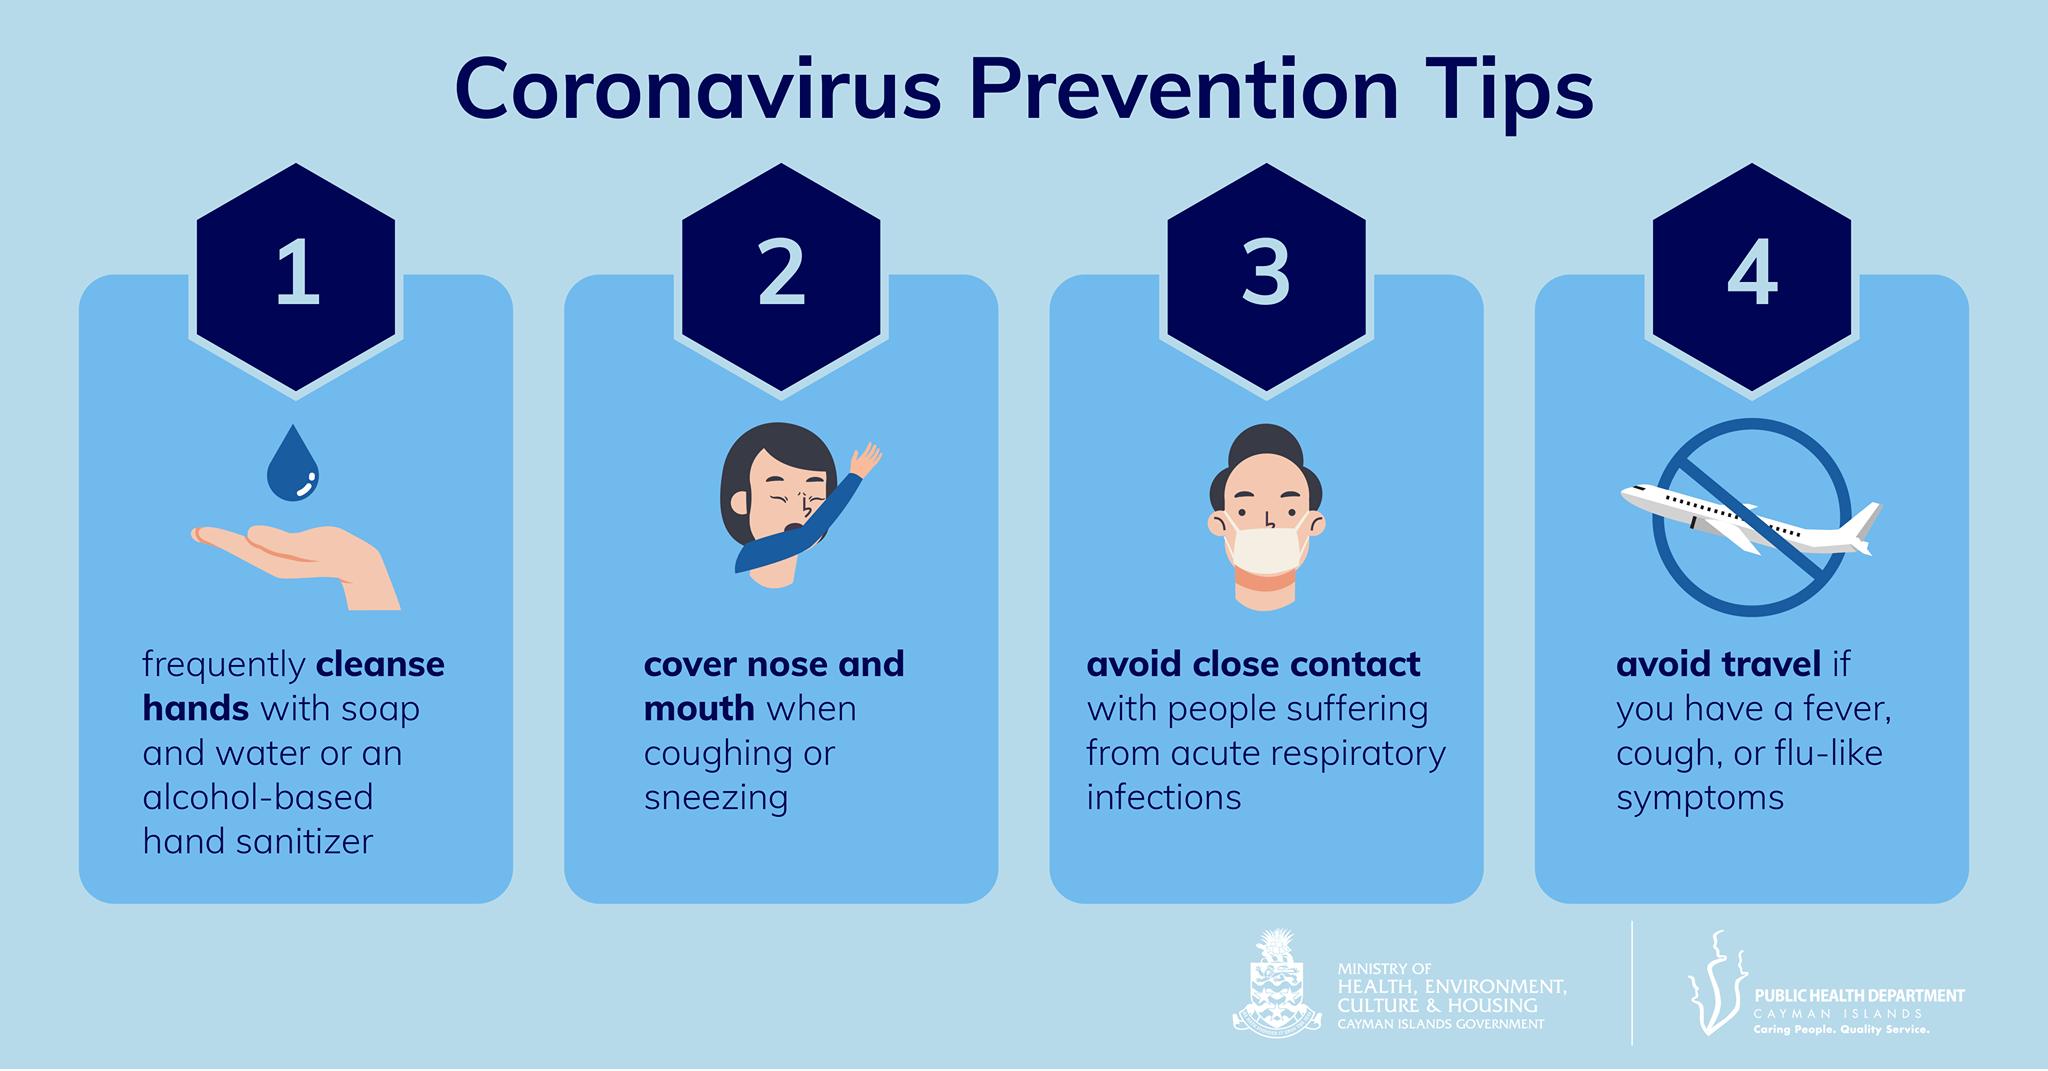 Coronavirus Prevention Tips - 4 tips